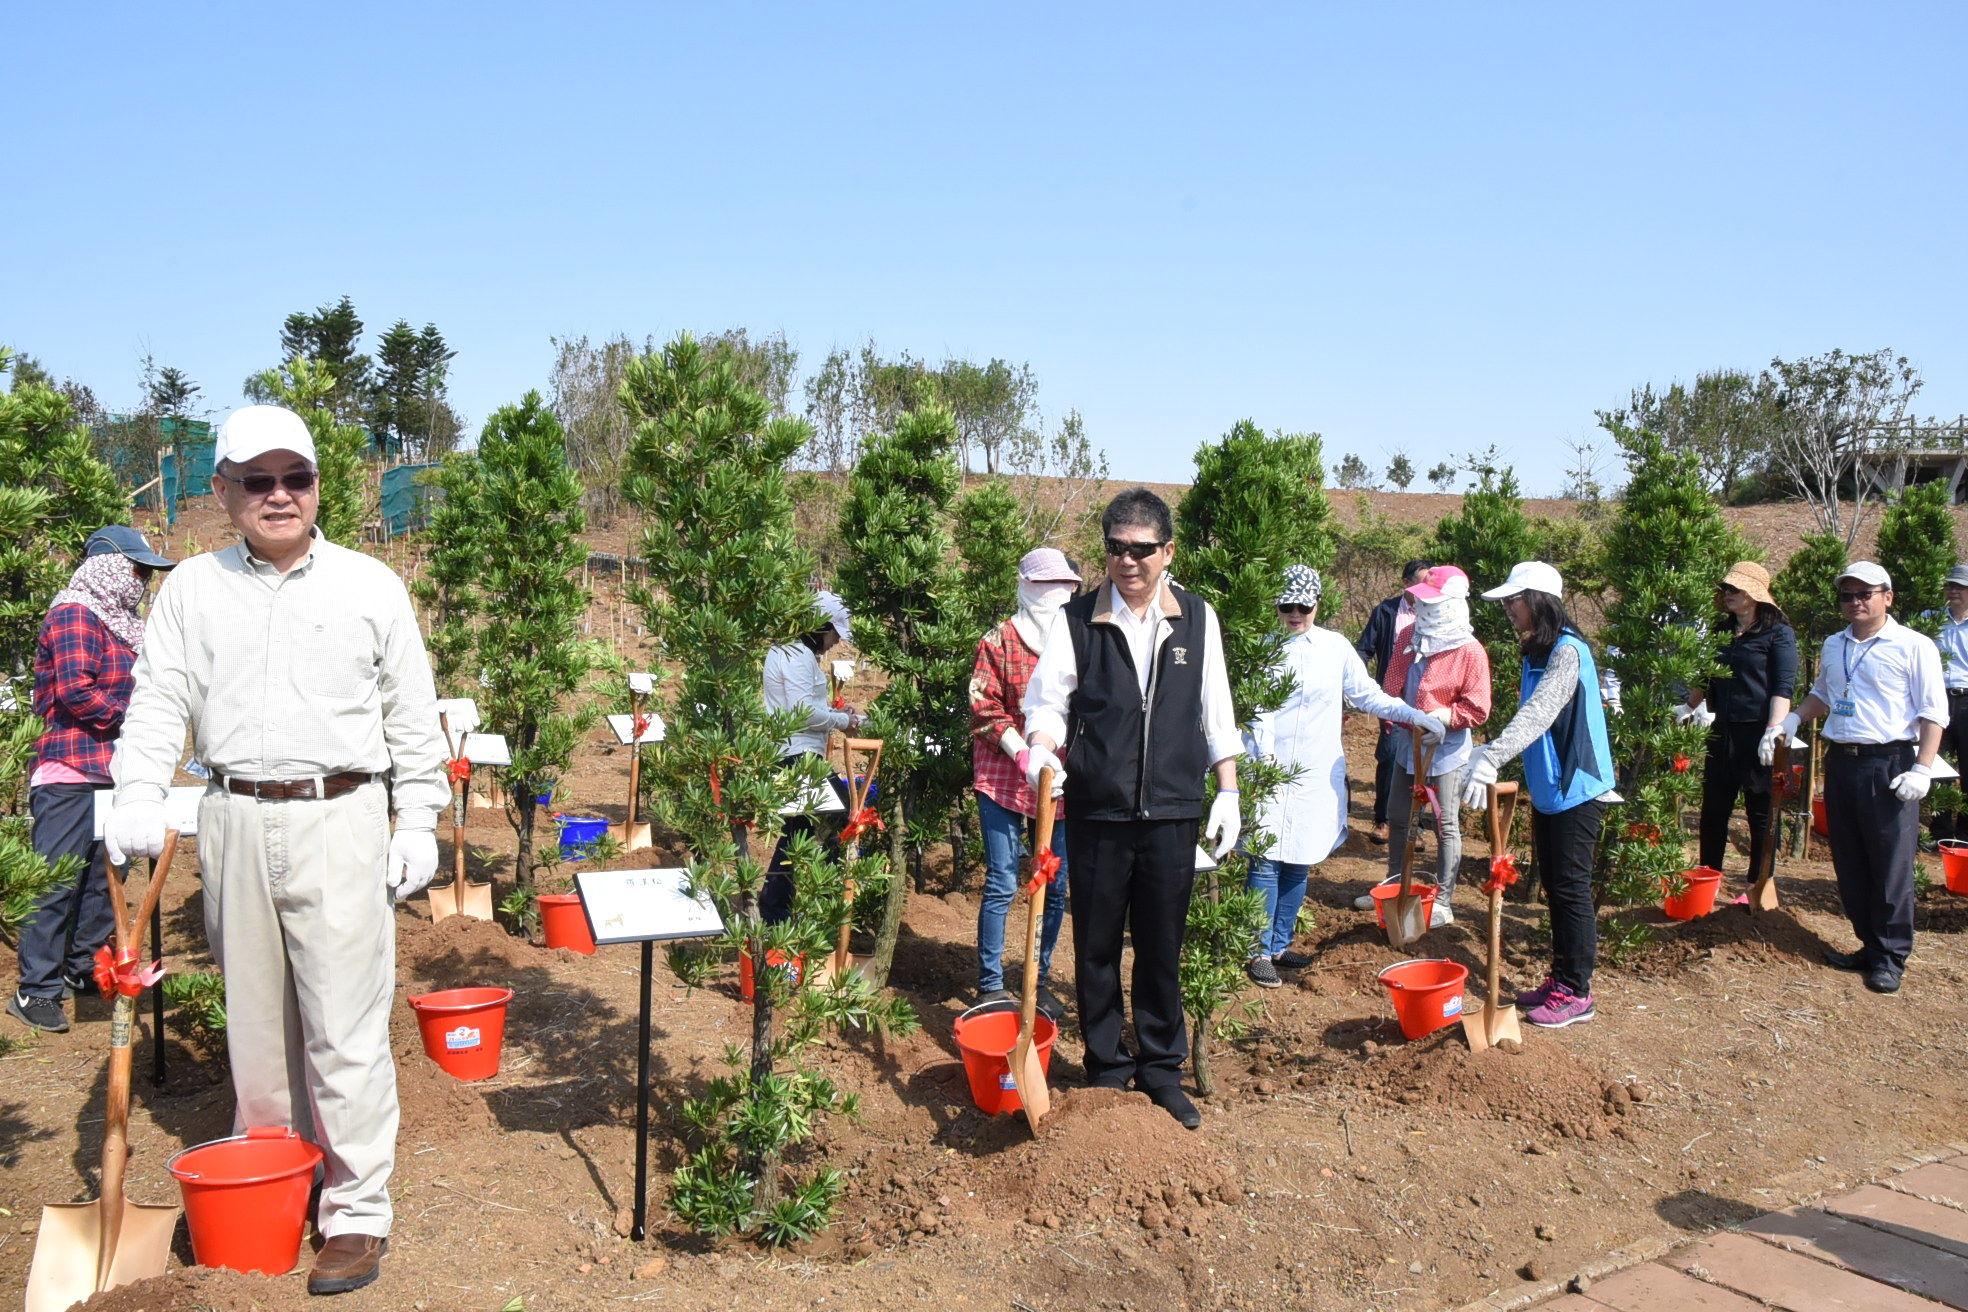 縣府菜園植樹造林0.7公頃